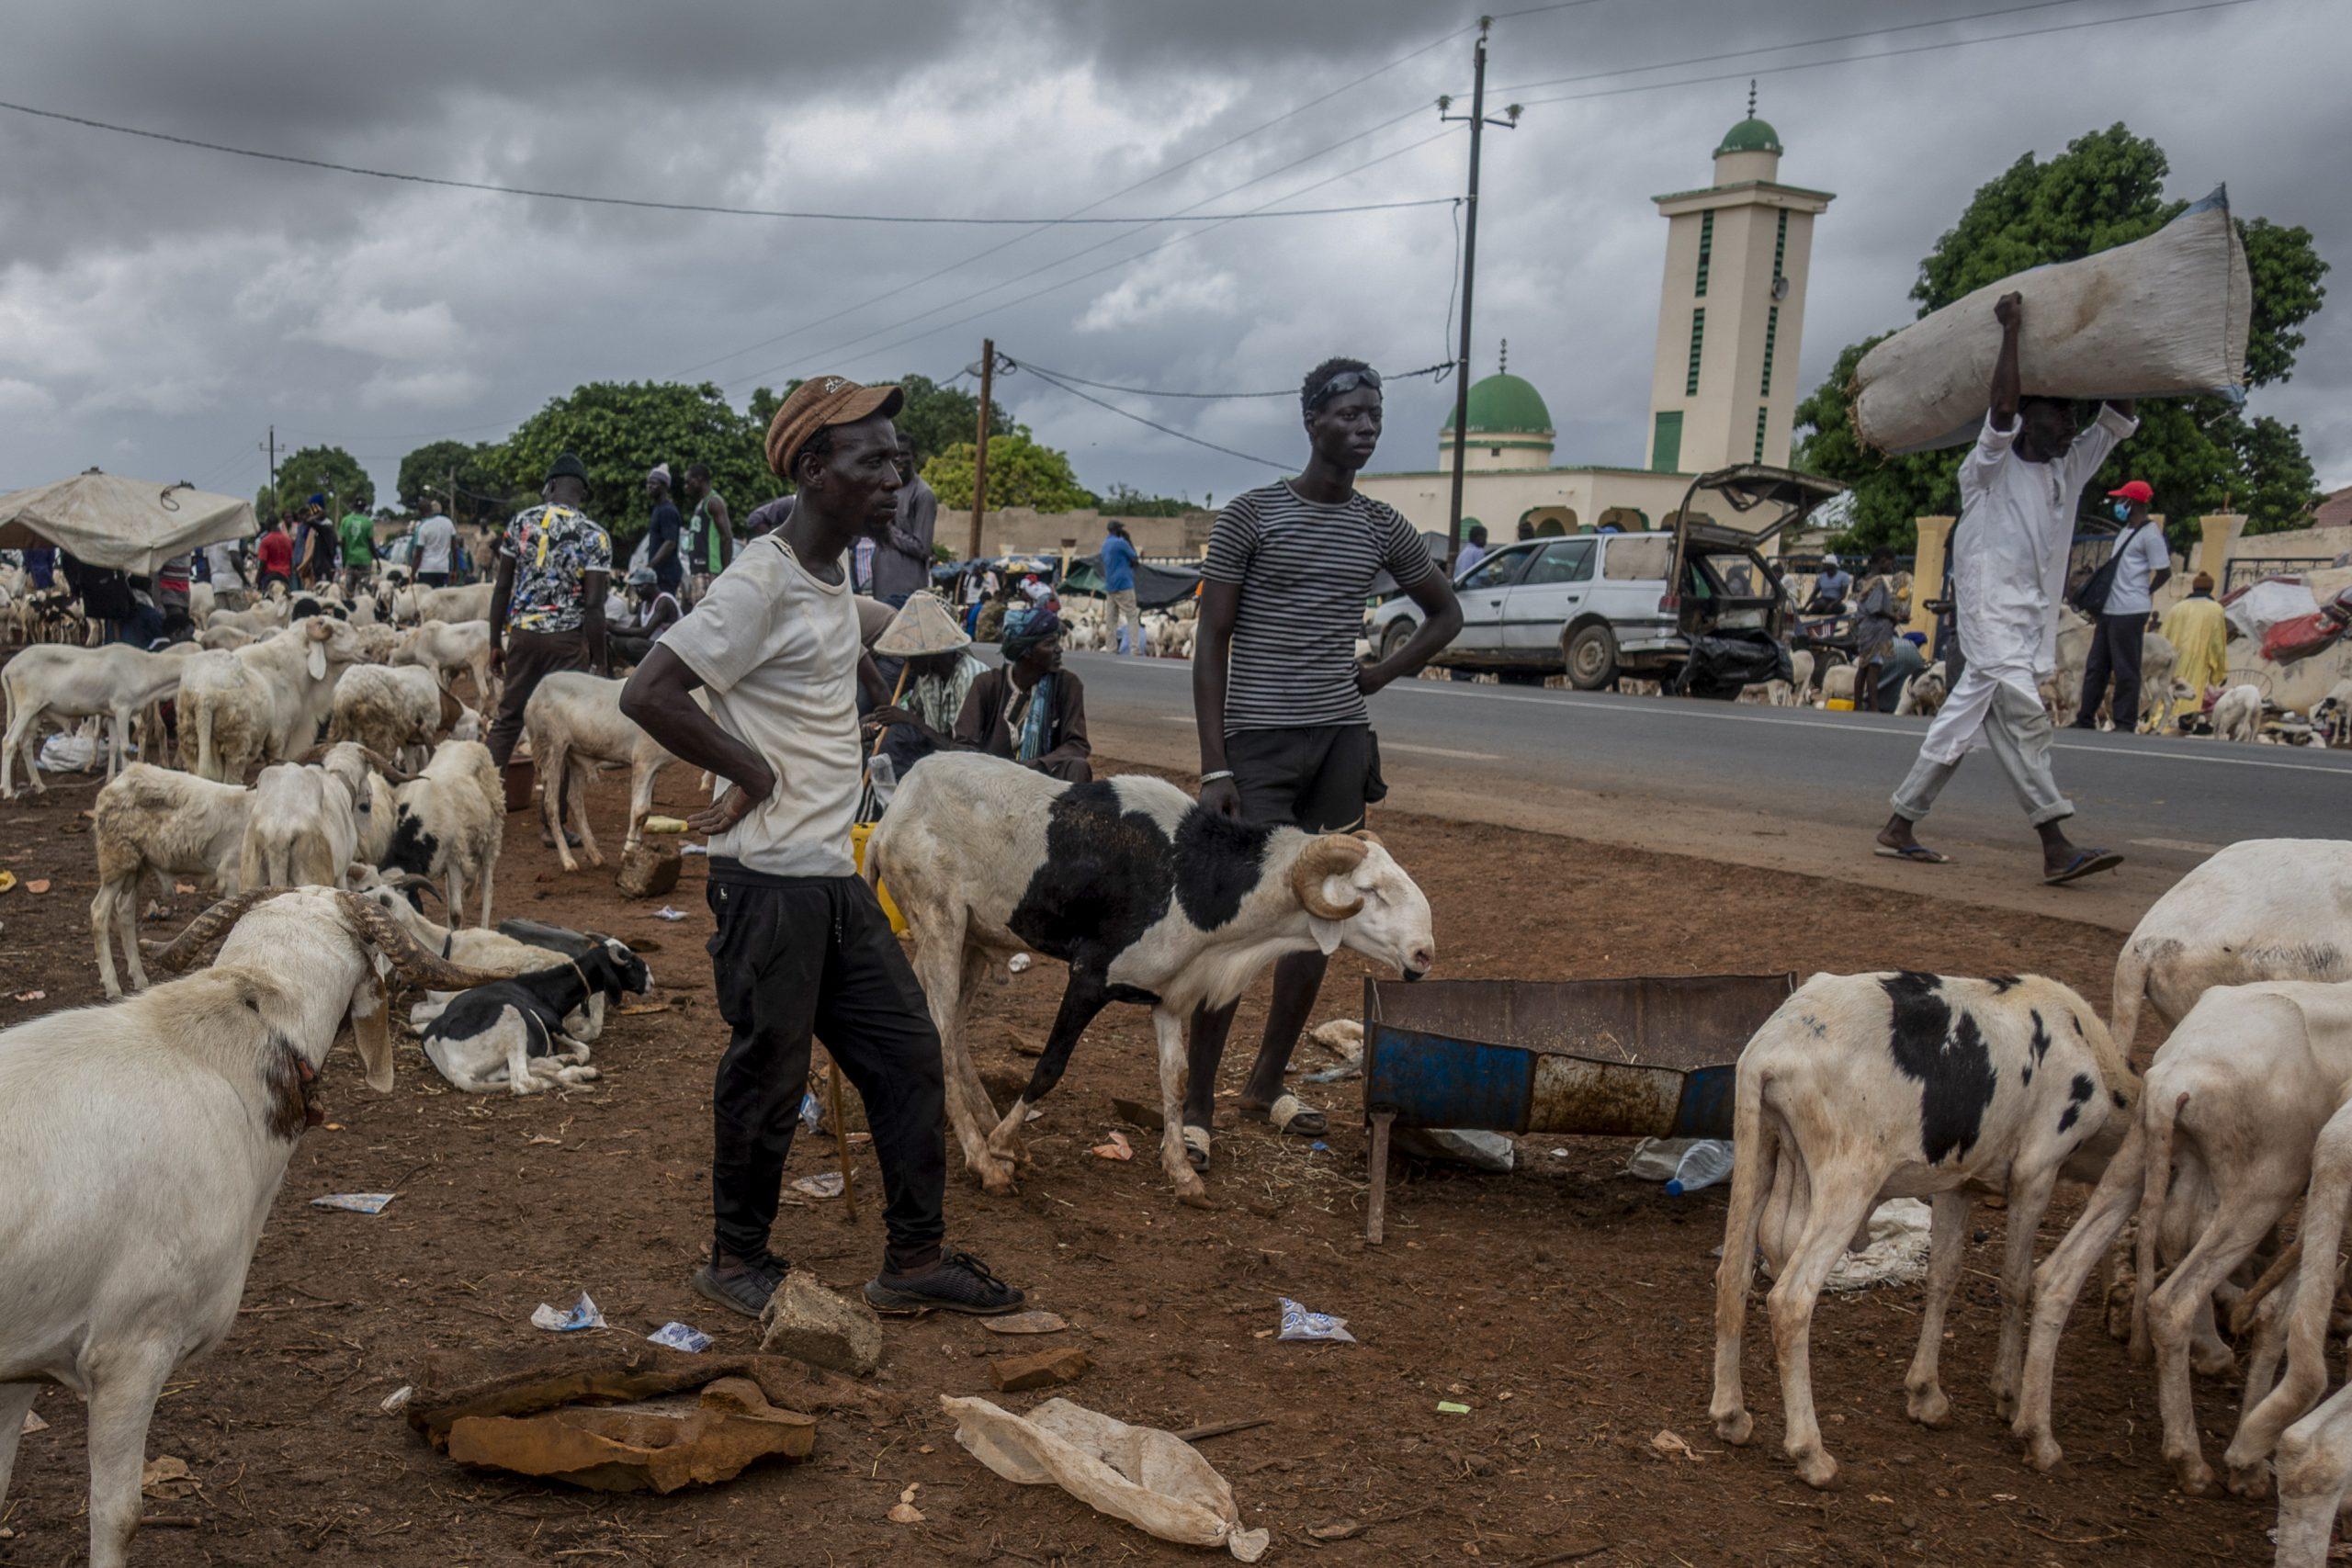 La violenza non si placa nel Sahel